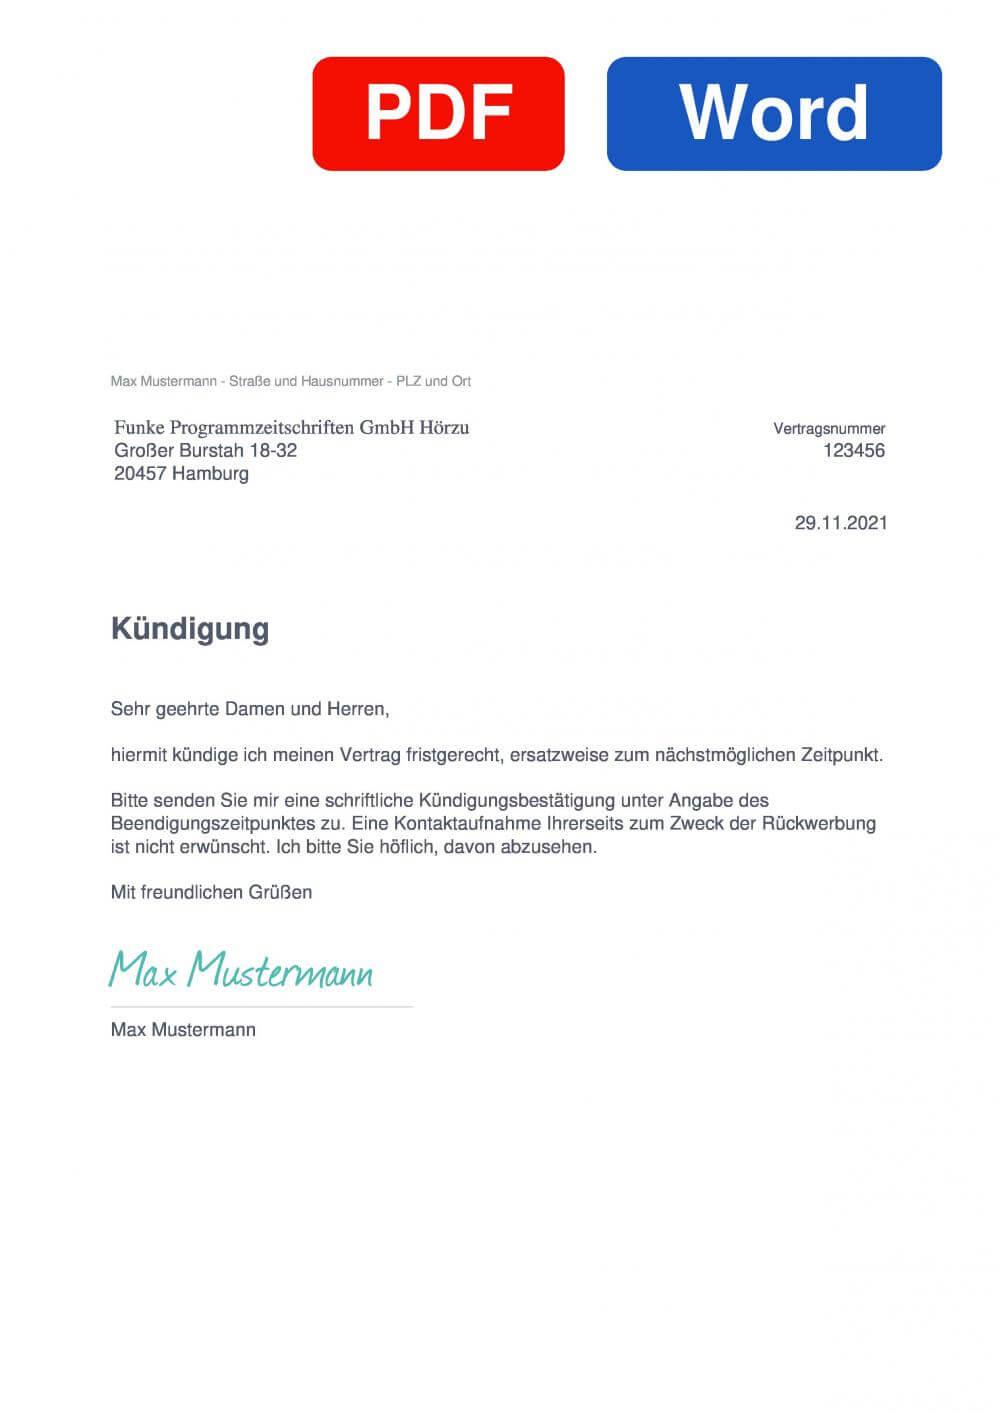 HÖRZU Zeitschrift Muster Vorlage für Kündigungsschreiben